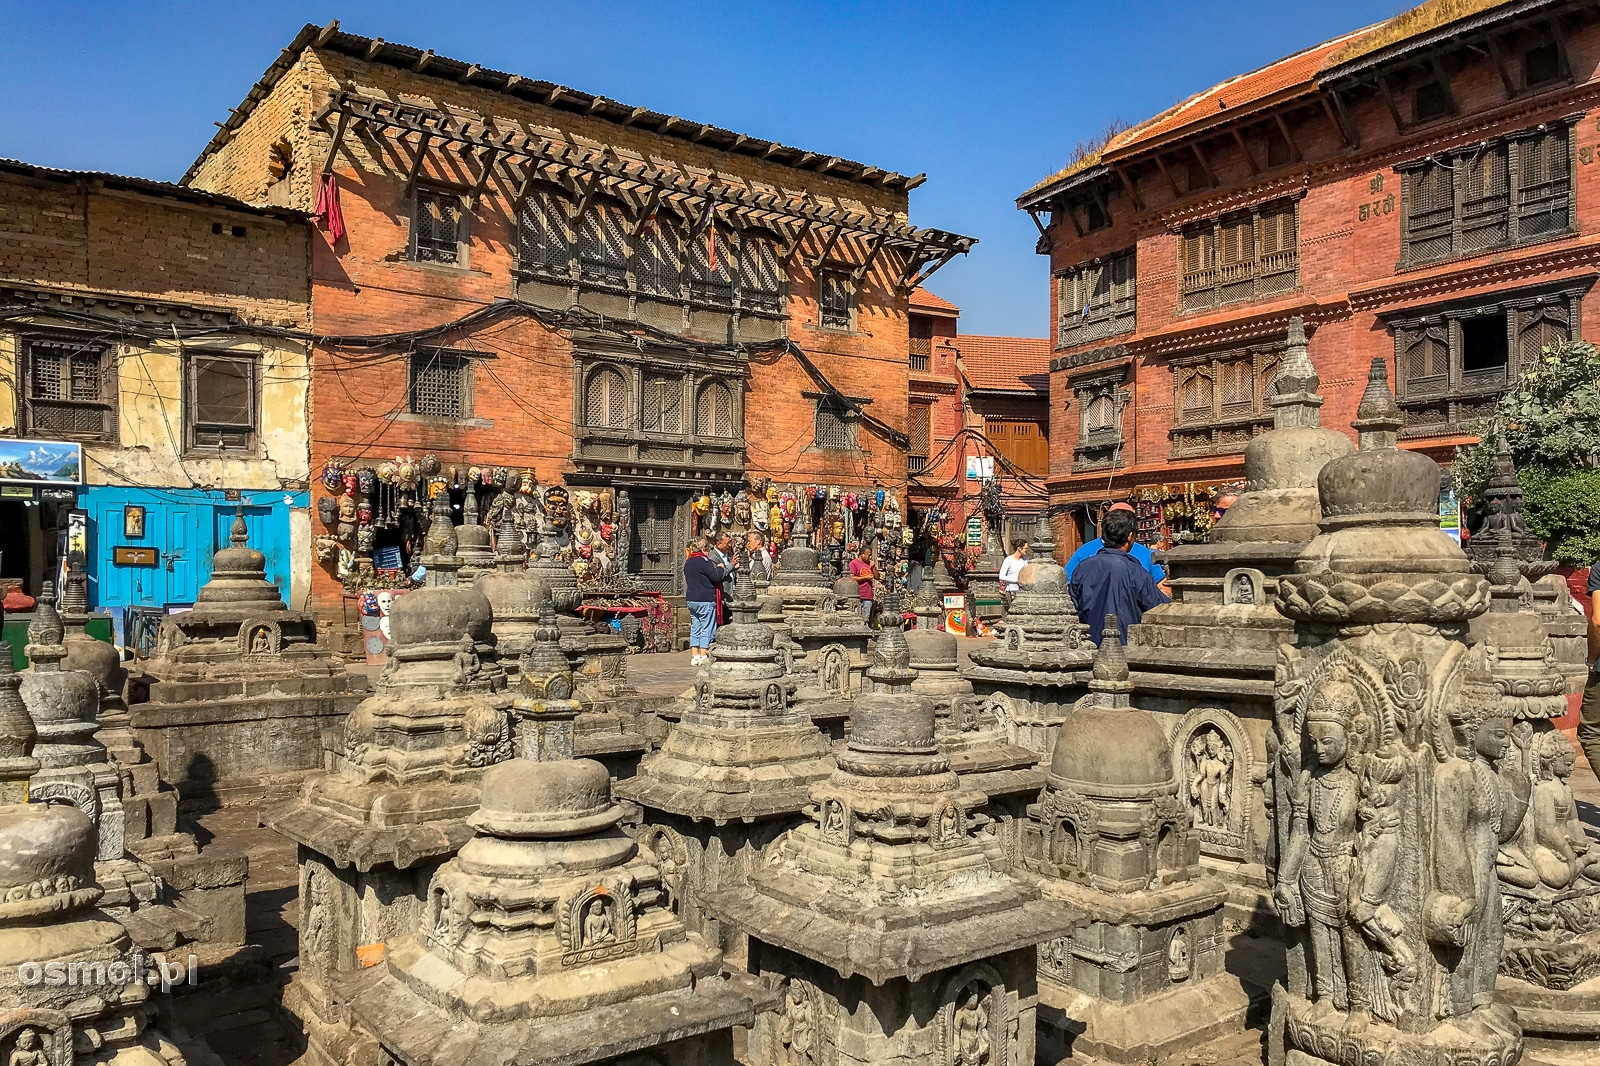 W świątyni Swayambhunath w Kathmandu